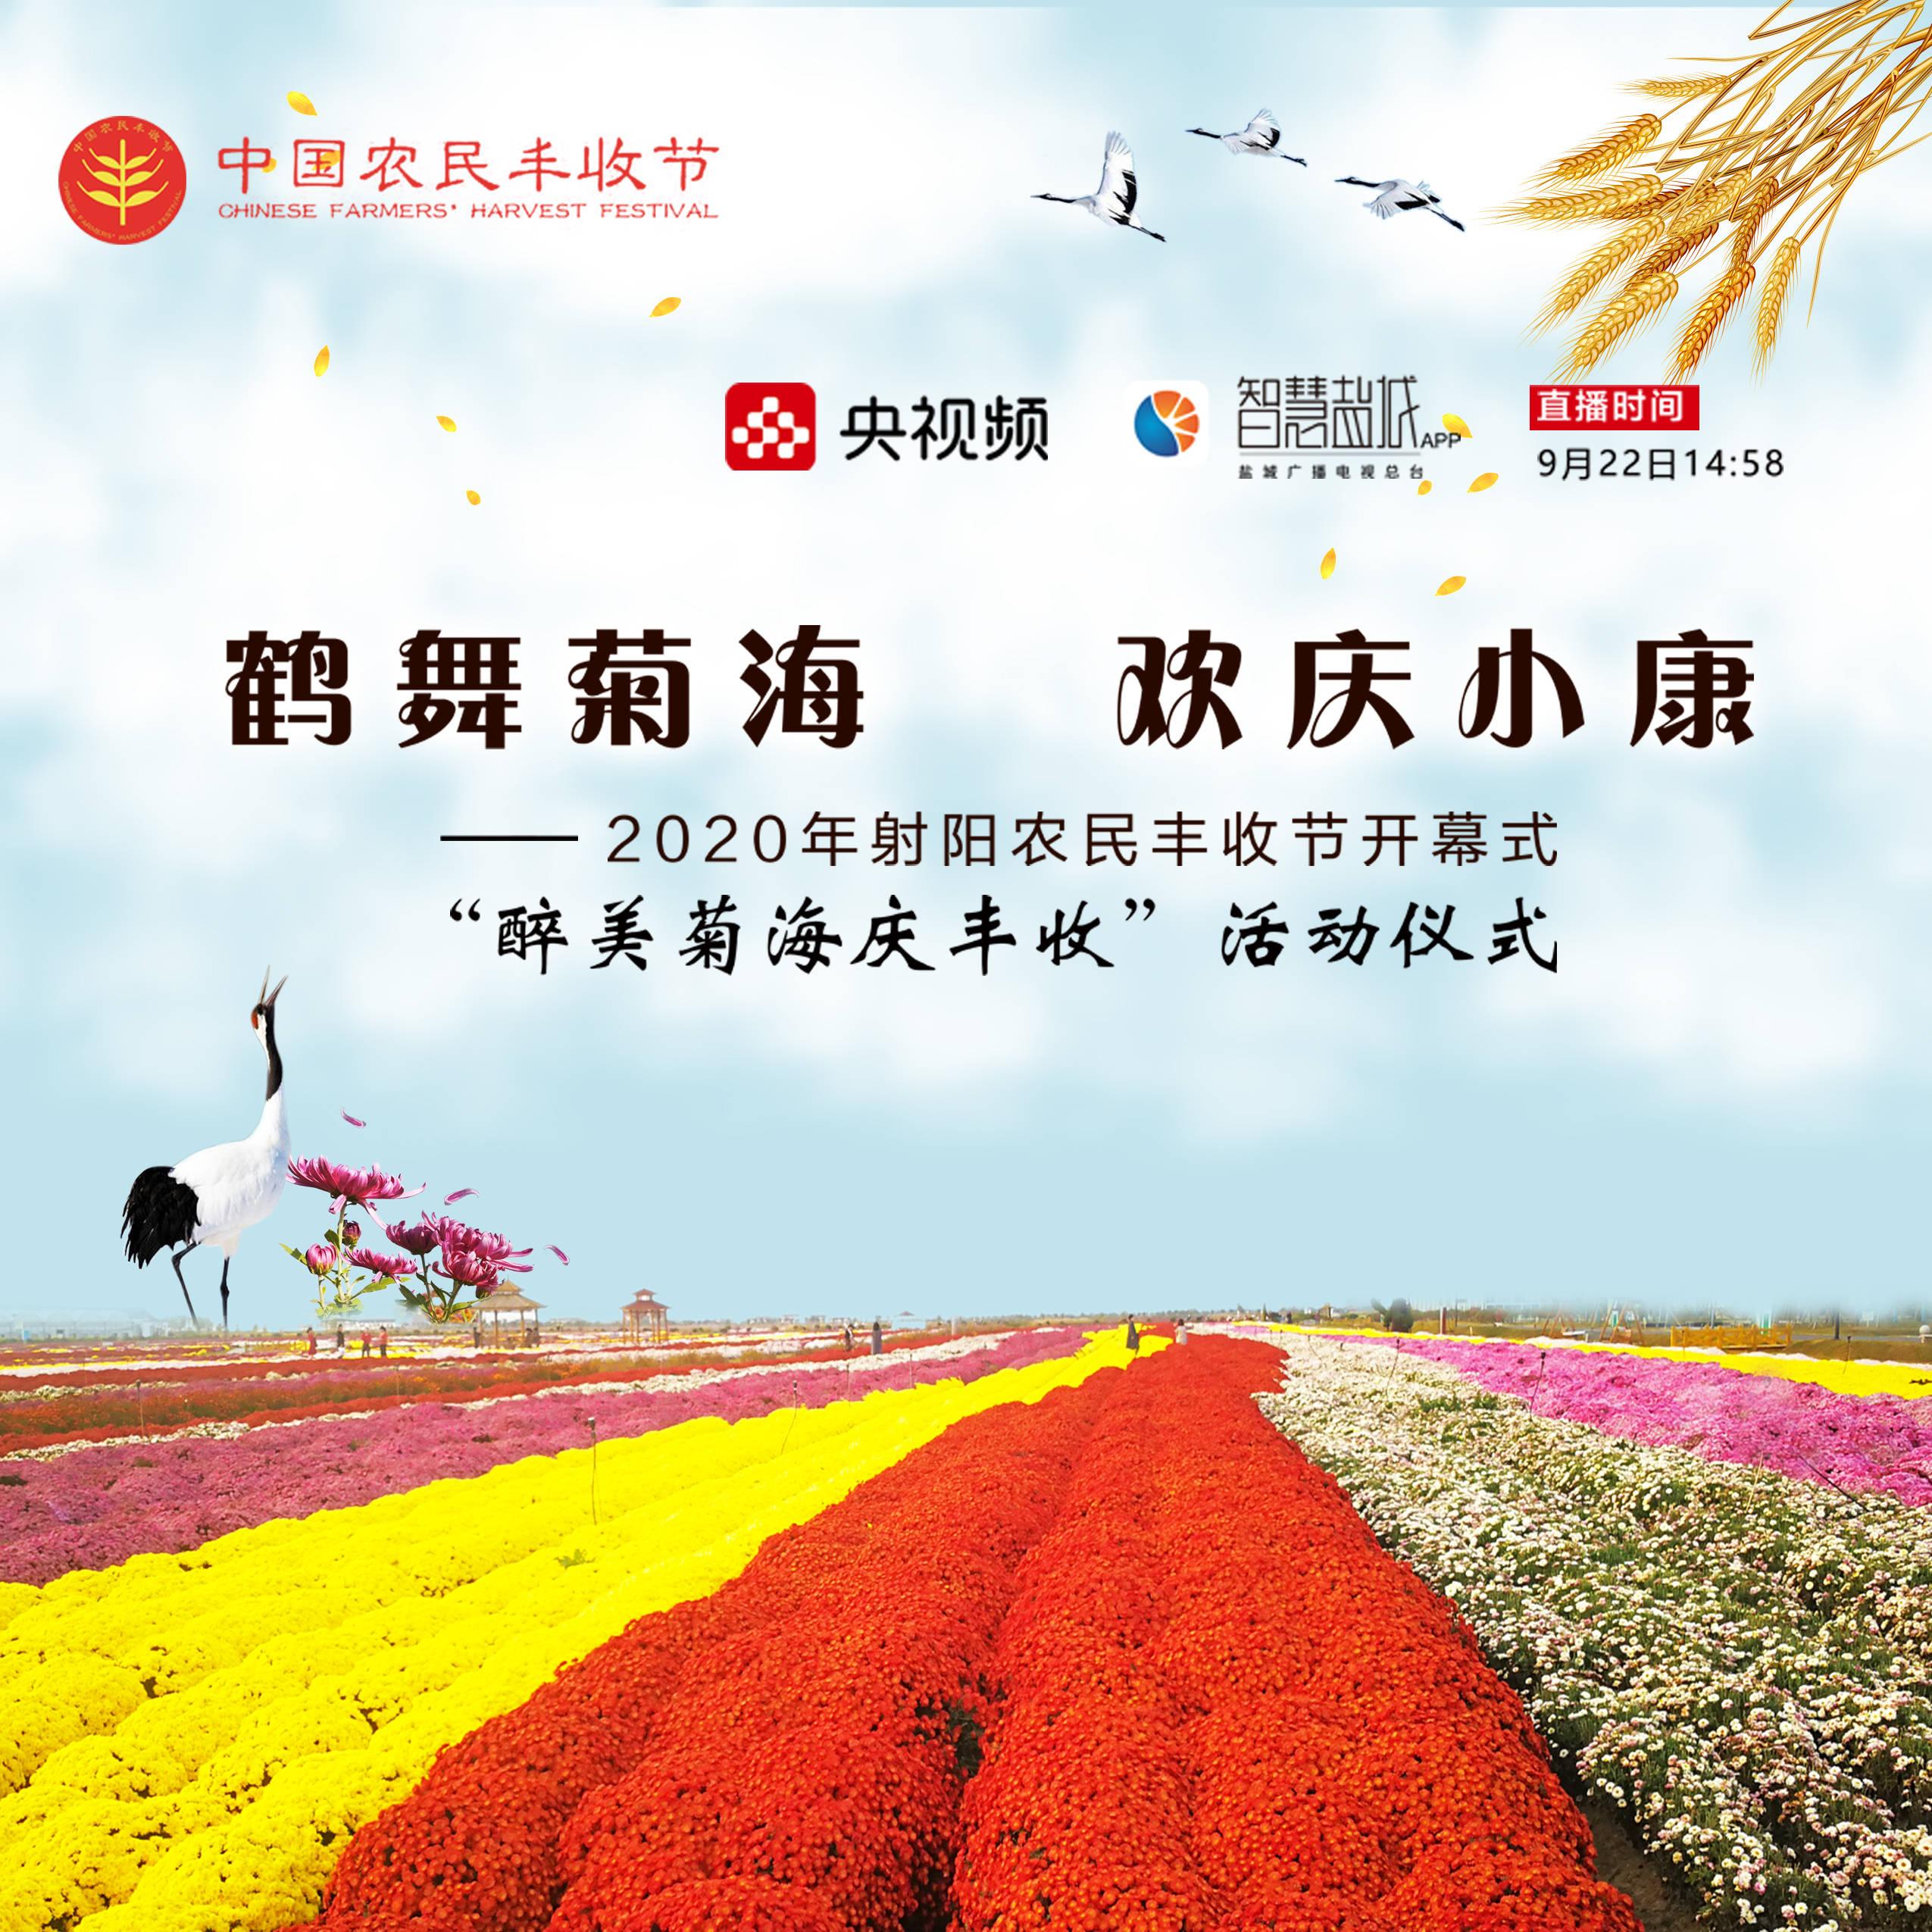 芬芳时节的金秋收获--鹤乡喜迎中国农民